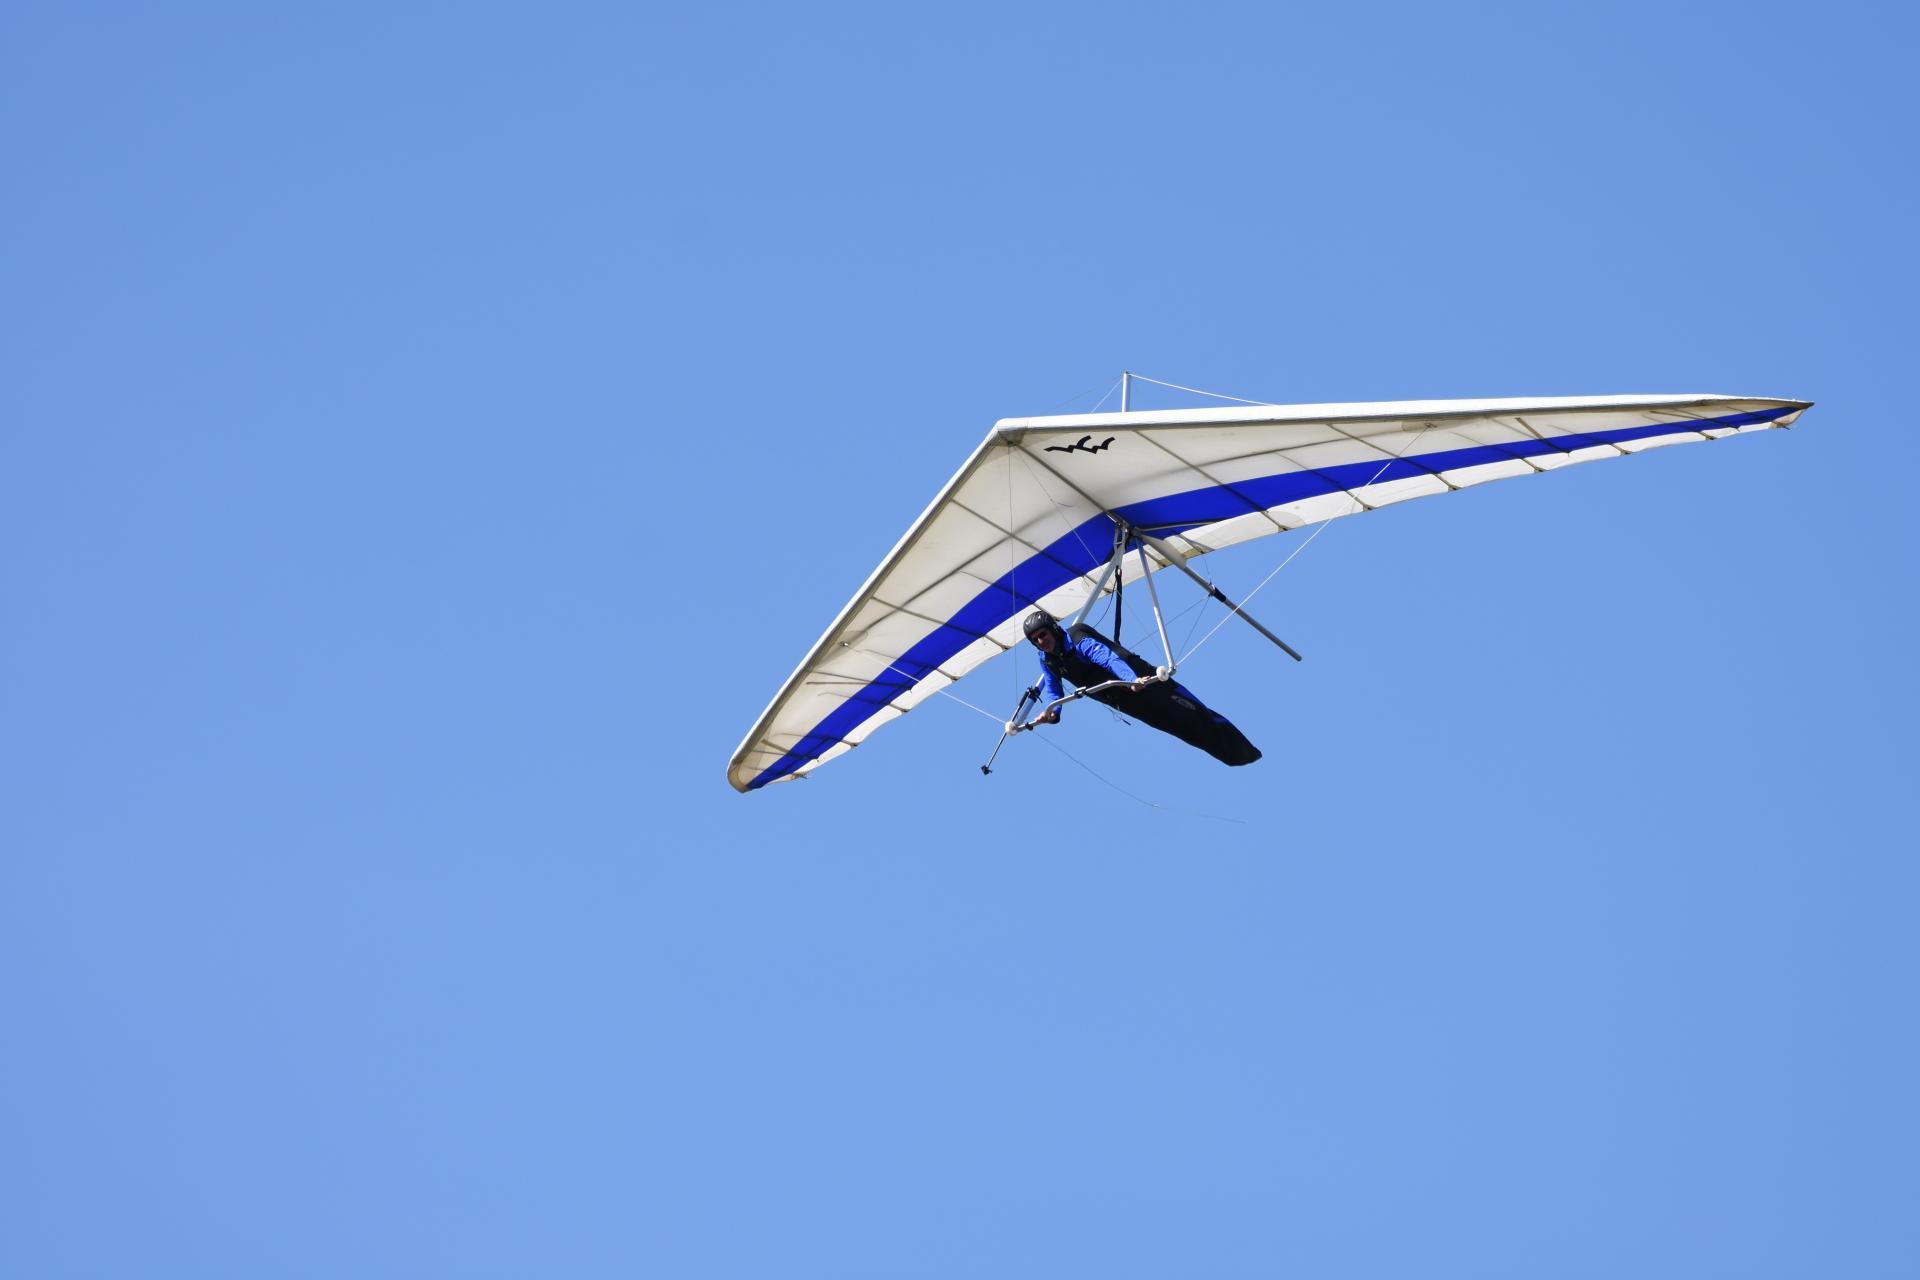 Will wing u2